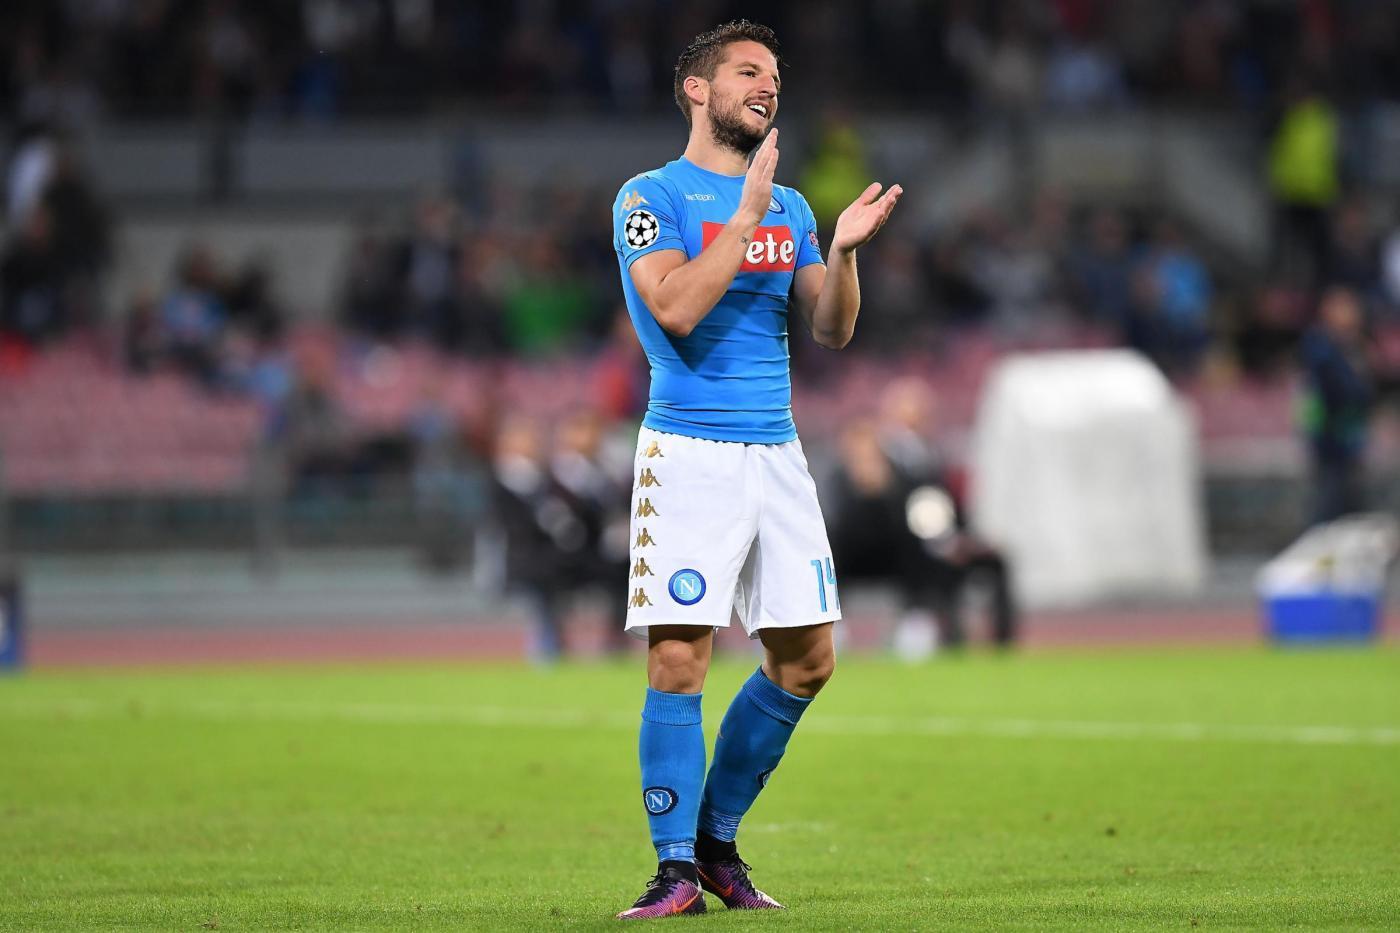 Napoli-Empoli 2-0, Mertens e Chiriches scacciano la paura nella ripresa